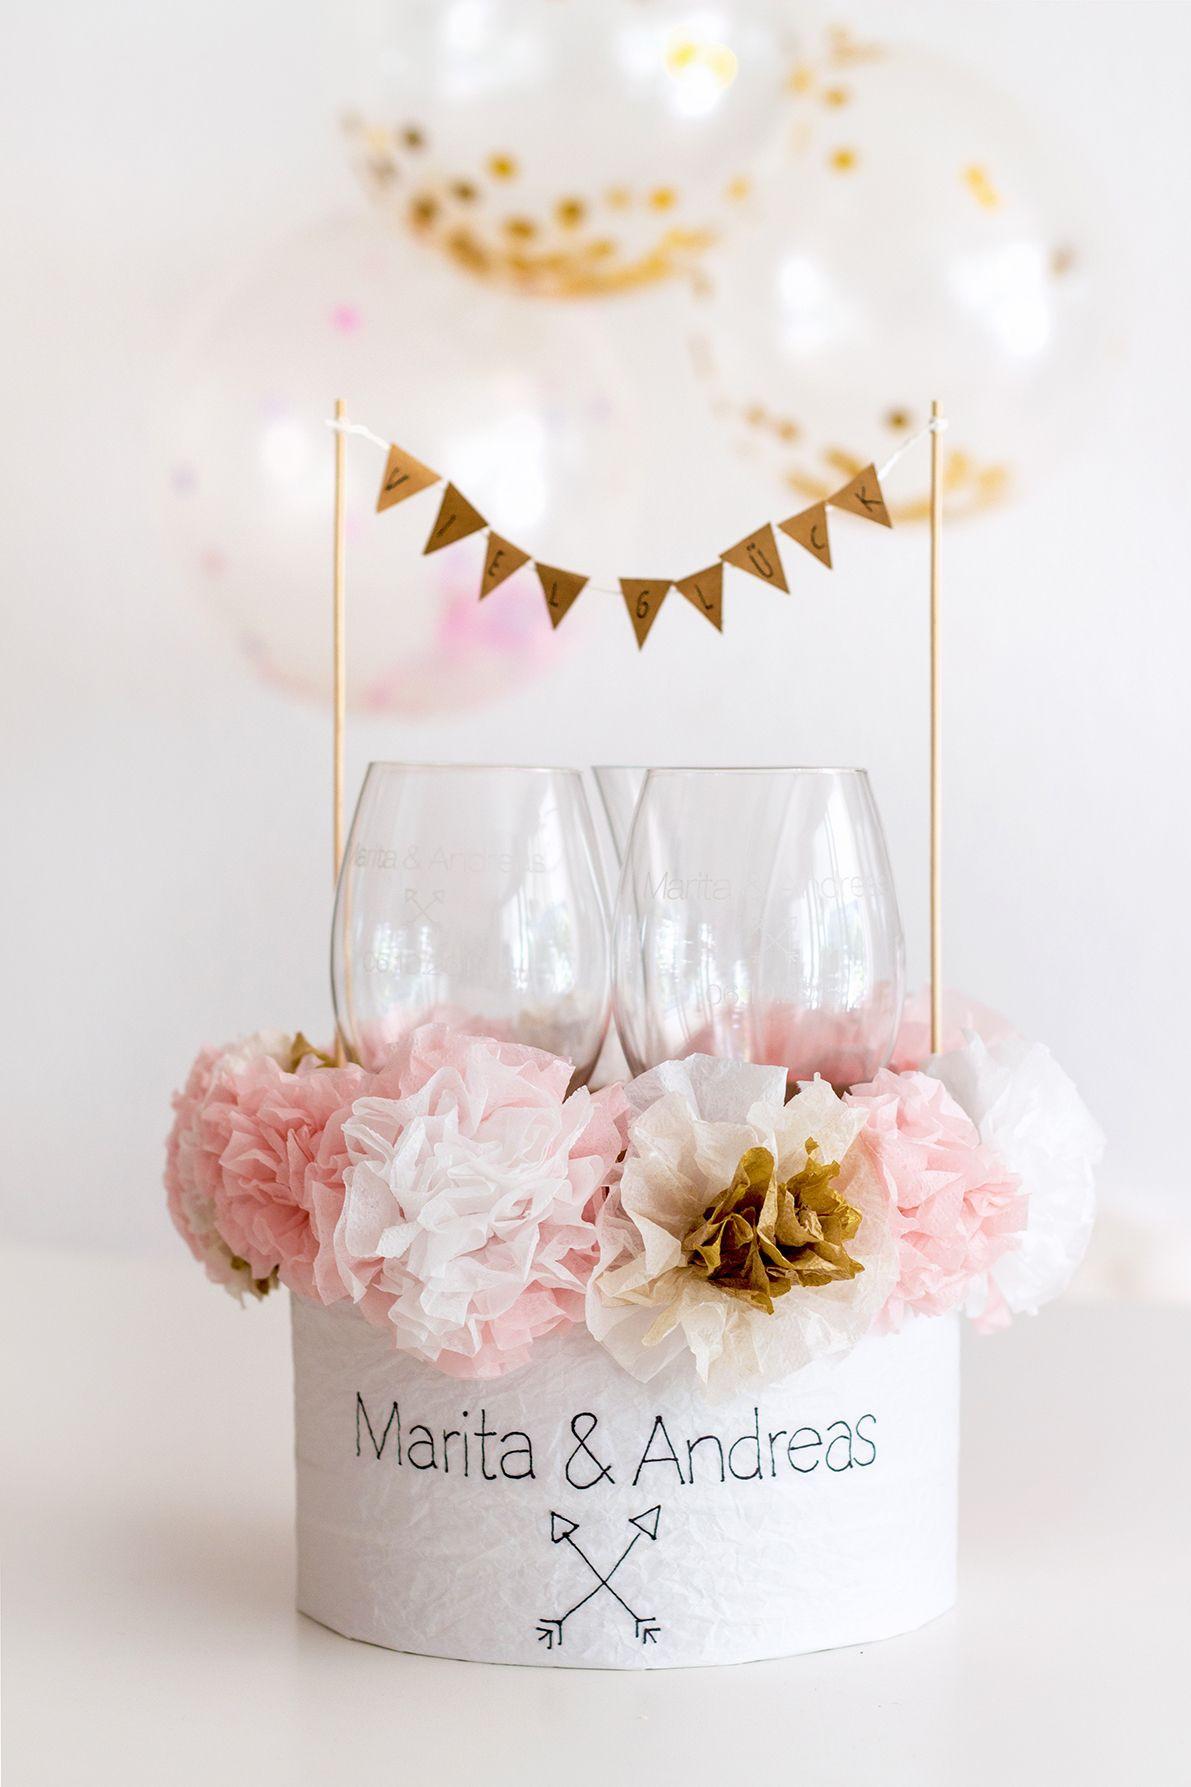 Geschenkideen Hochzeit  Gravurgeschenke mit DIY Verpackung für Hochzeit